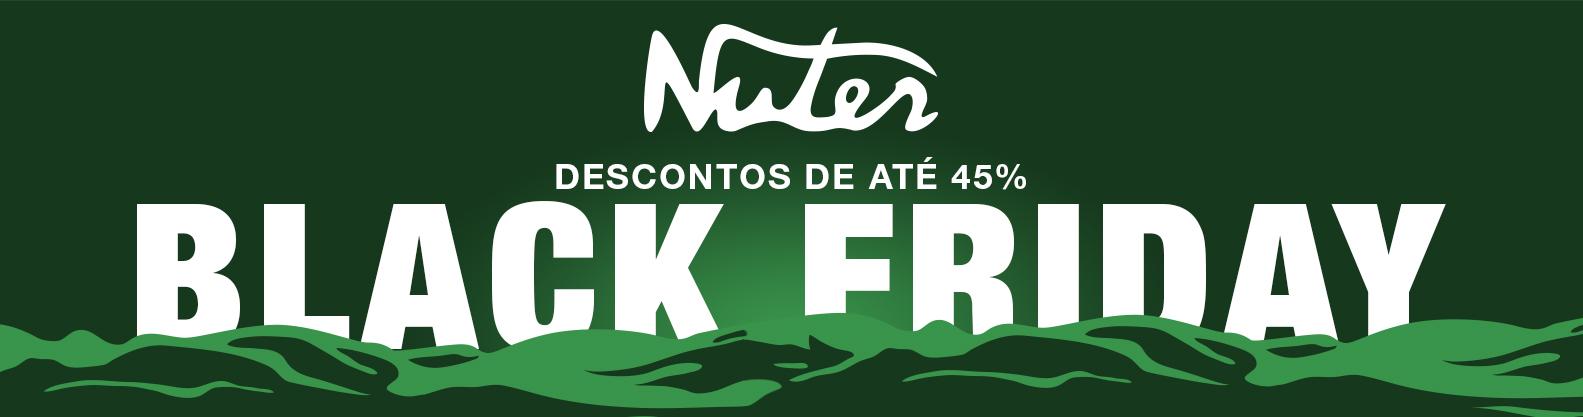 NUTER BLACK FRIDAY